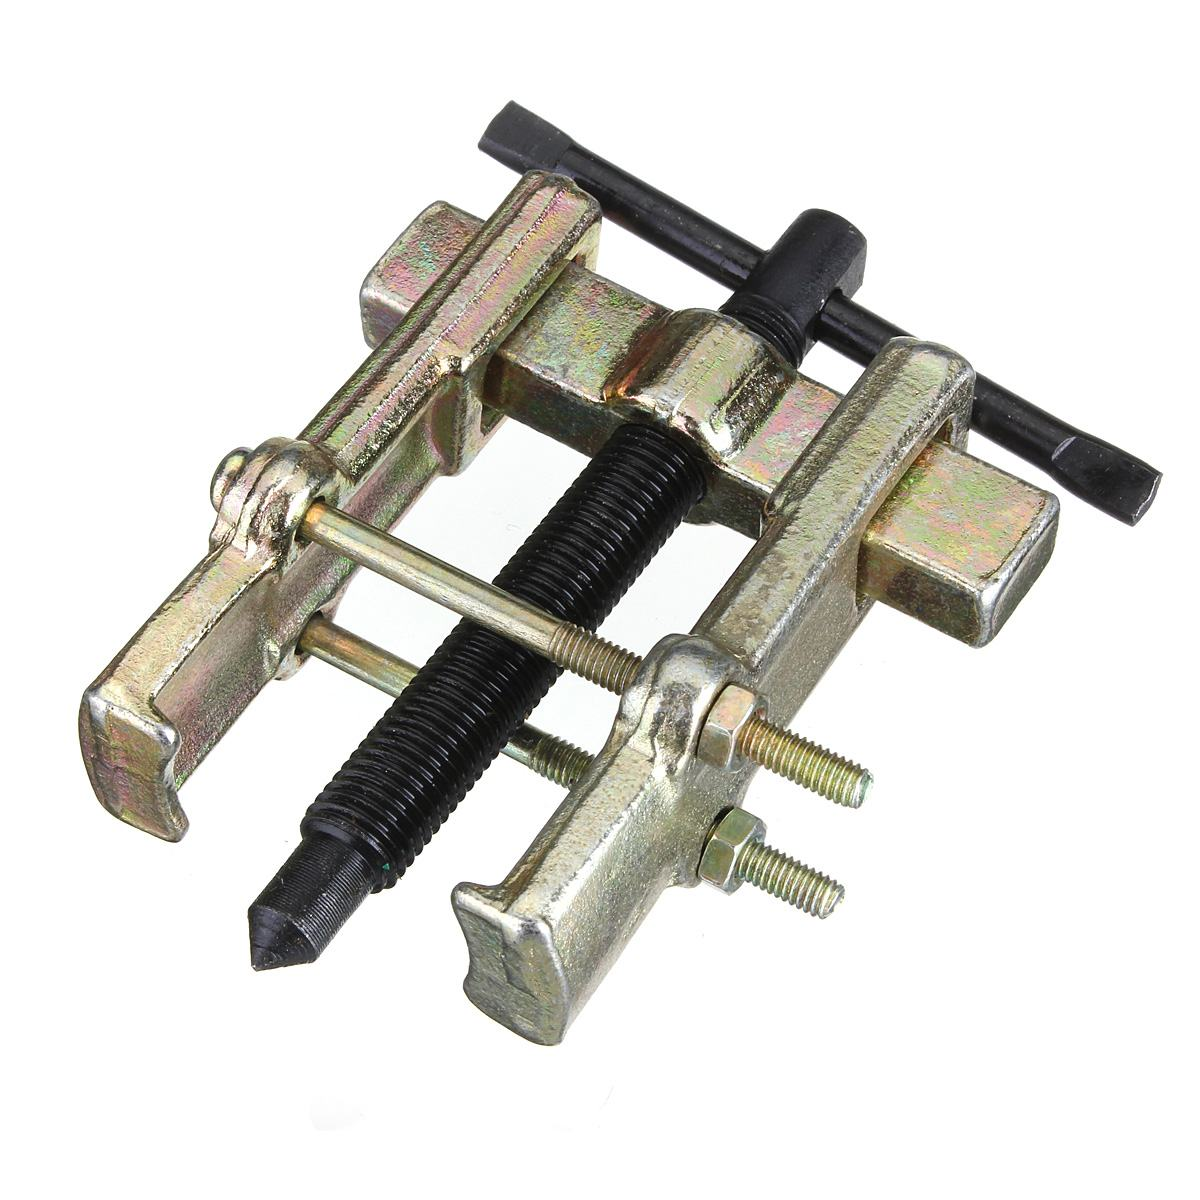 Top Verkauf Hohe Qualität 2 ''-65mm Heißer Verkauf Beste Preis Carbon Stahl Zwei Backen Getriebe Puller Anker lager Spirale Puller Schmieden